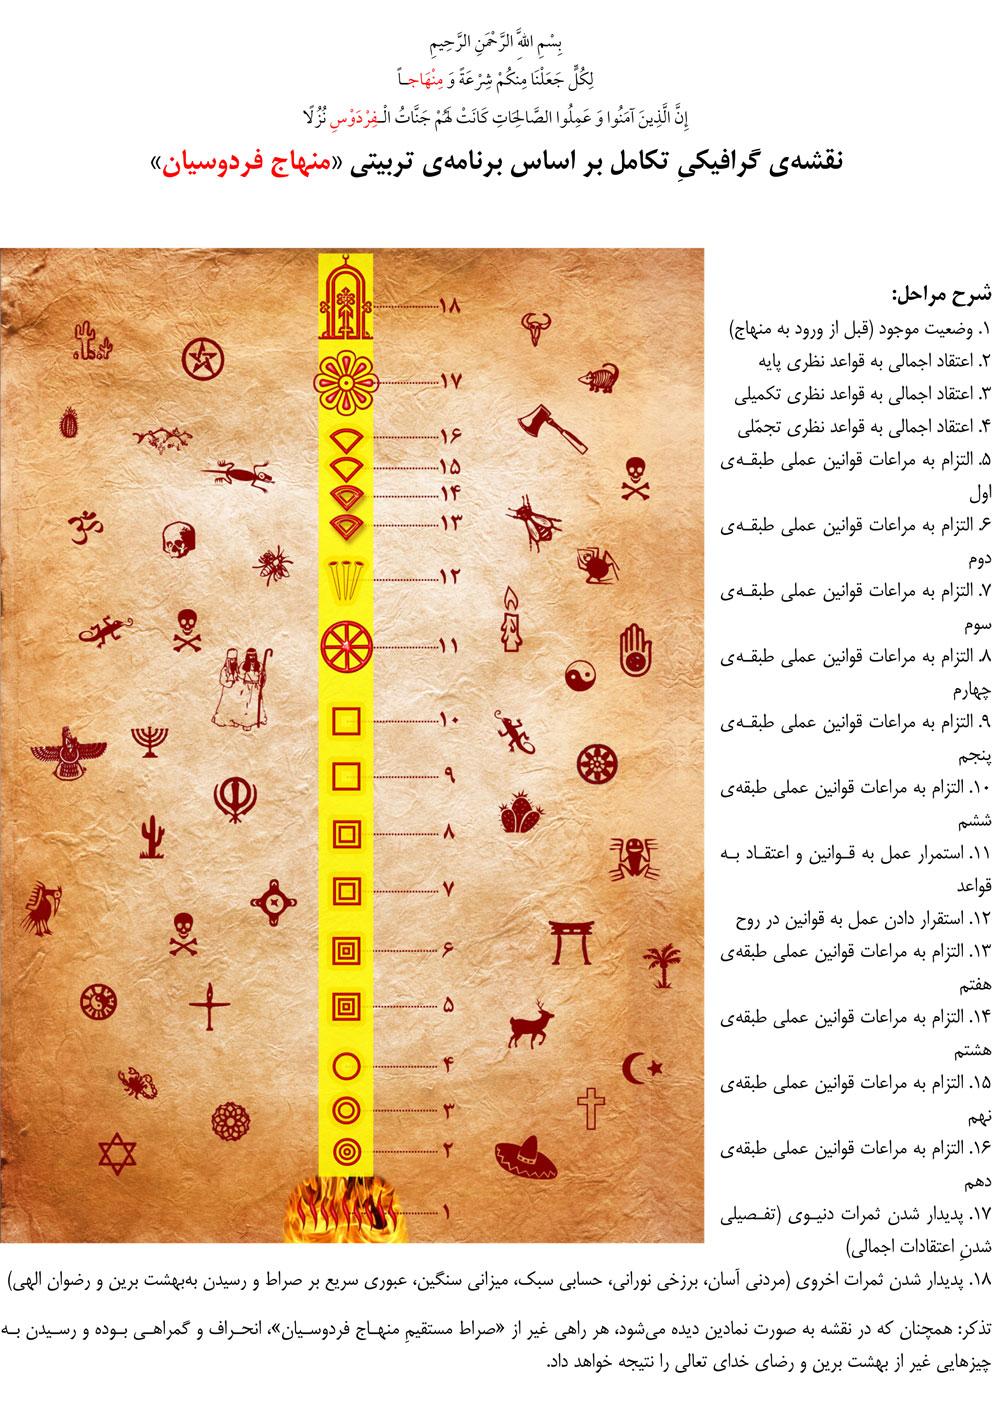 نقشهی گرافیکی منهاج فردوسیان